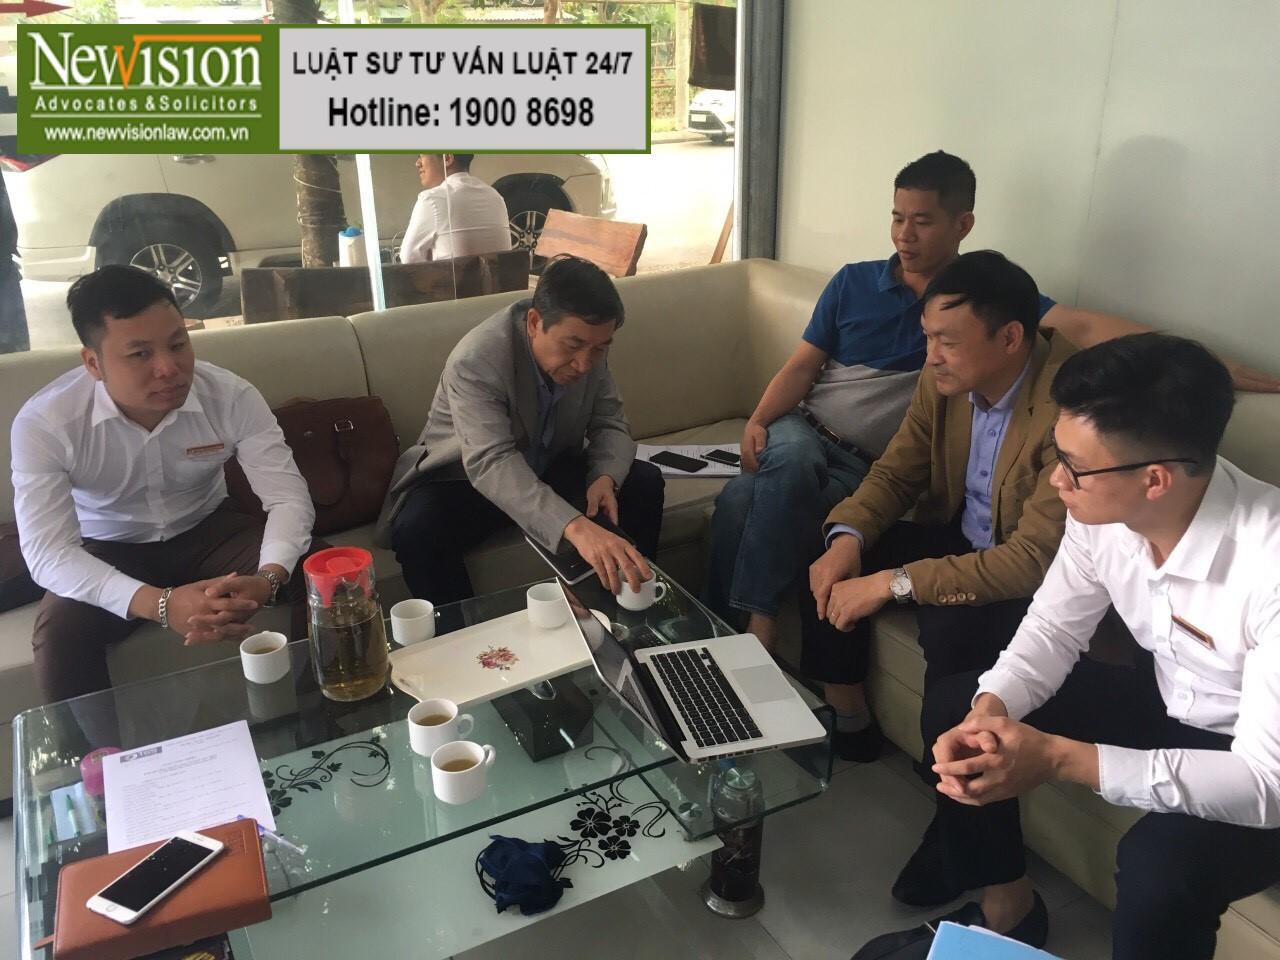 Ảnh: Luật sư Công ty Luật TGS làm việc trực tiếp với vợ chồng ông N.N.T tại Thái Bình